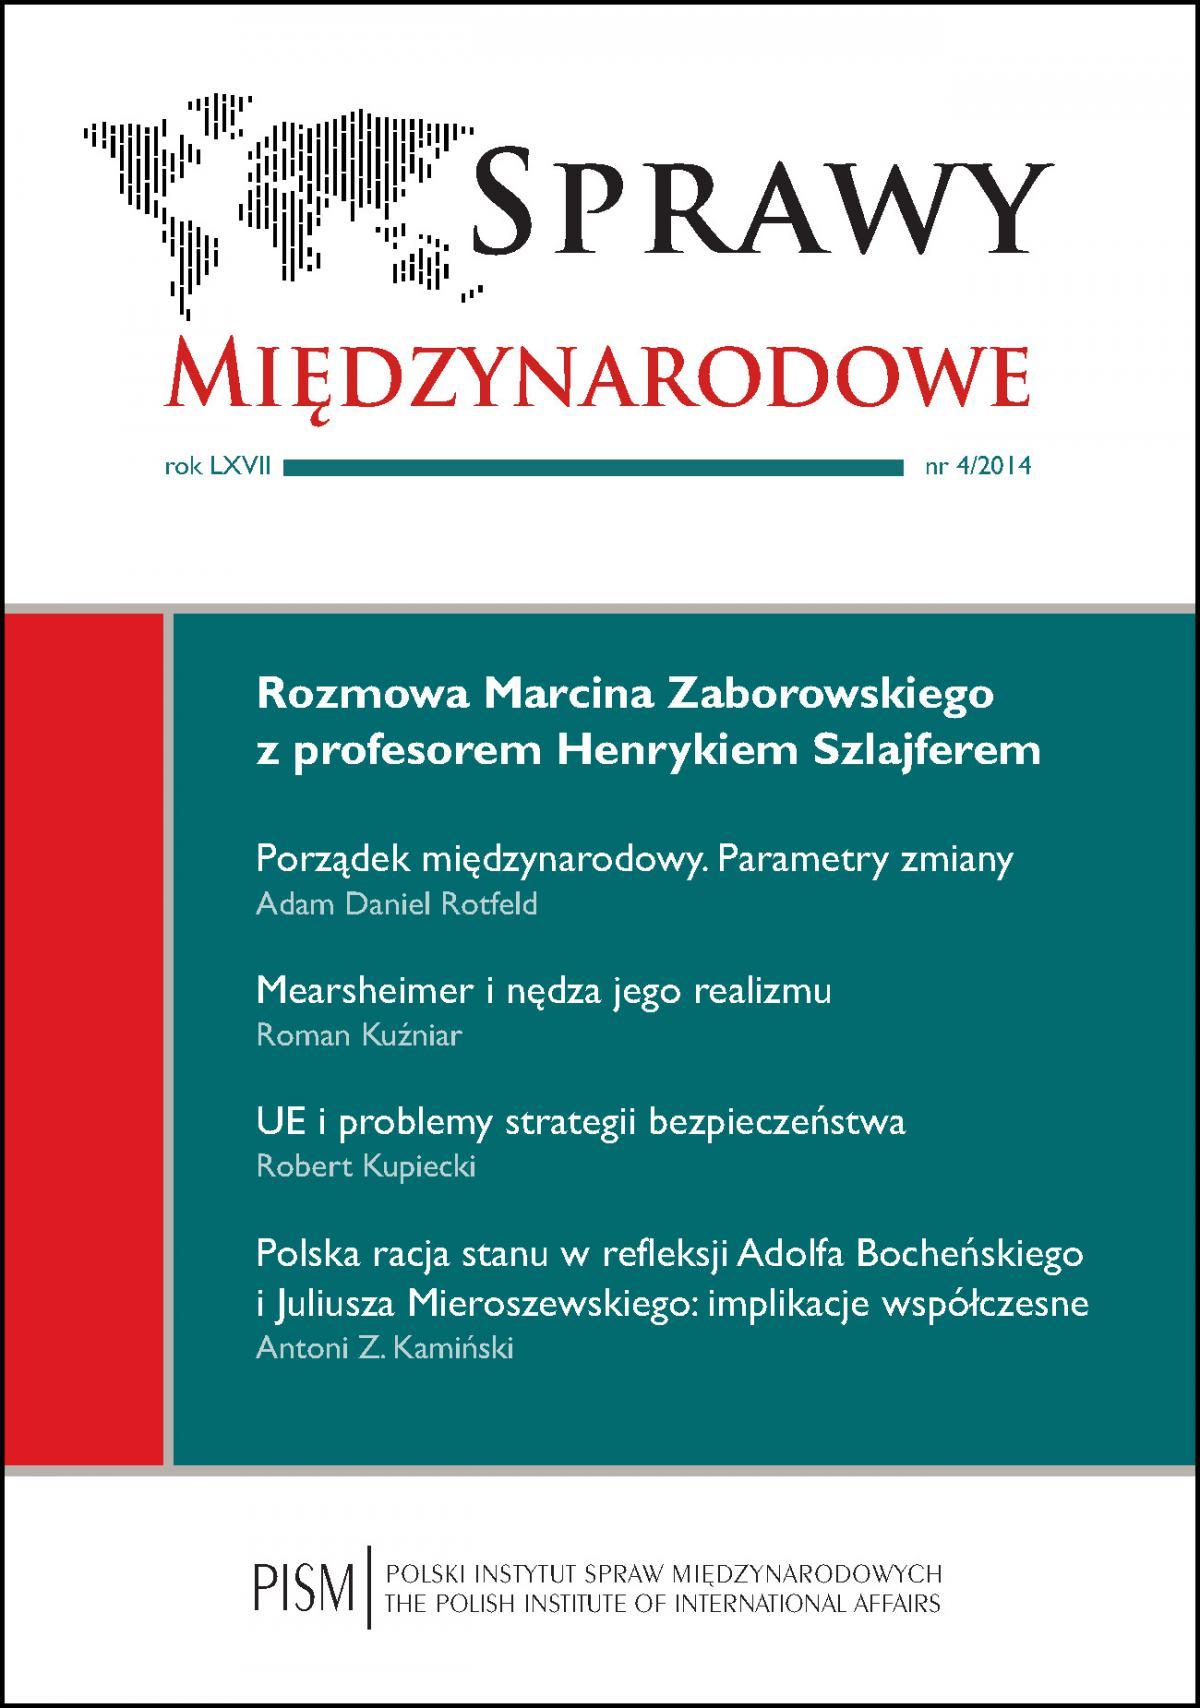 Sprawy Międzynarodowe 4/2014 - Ebook (Książka PDF) do pobrania w formacie PDF